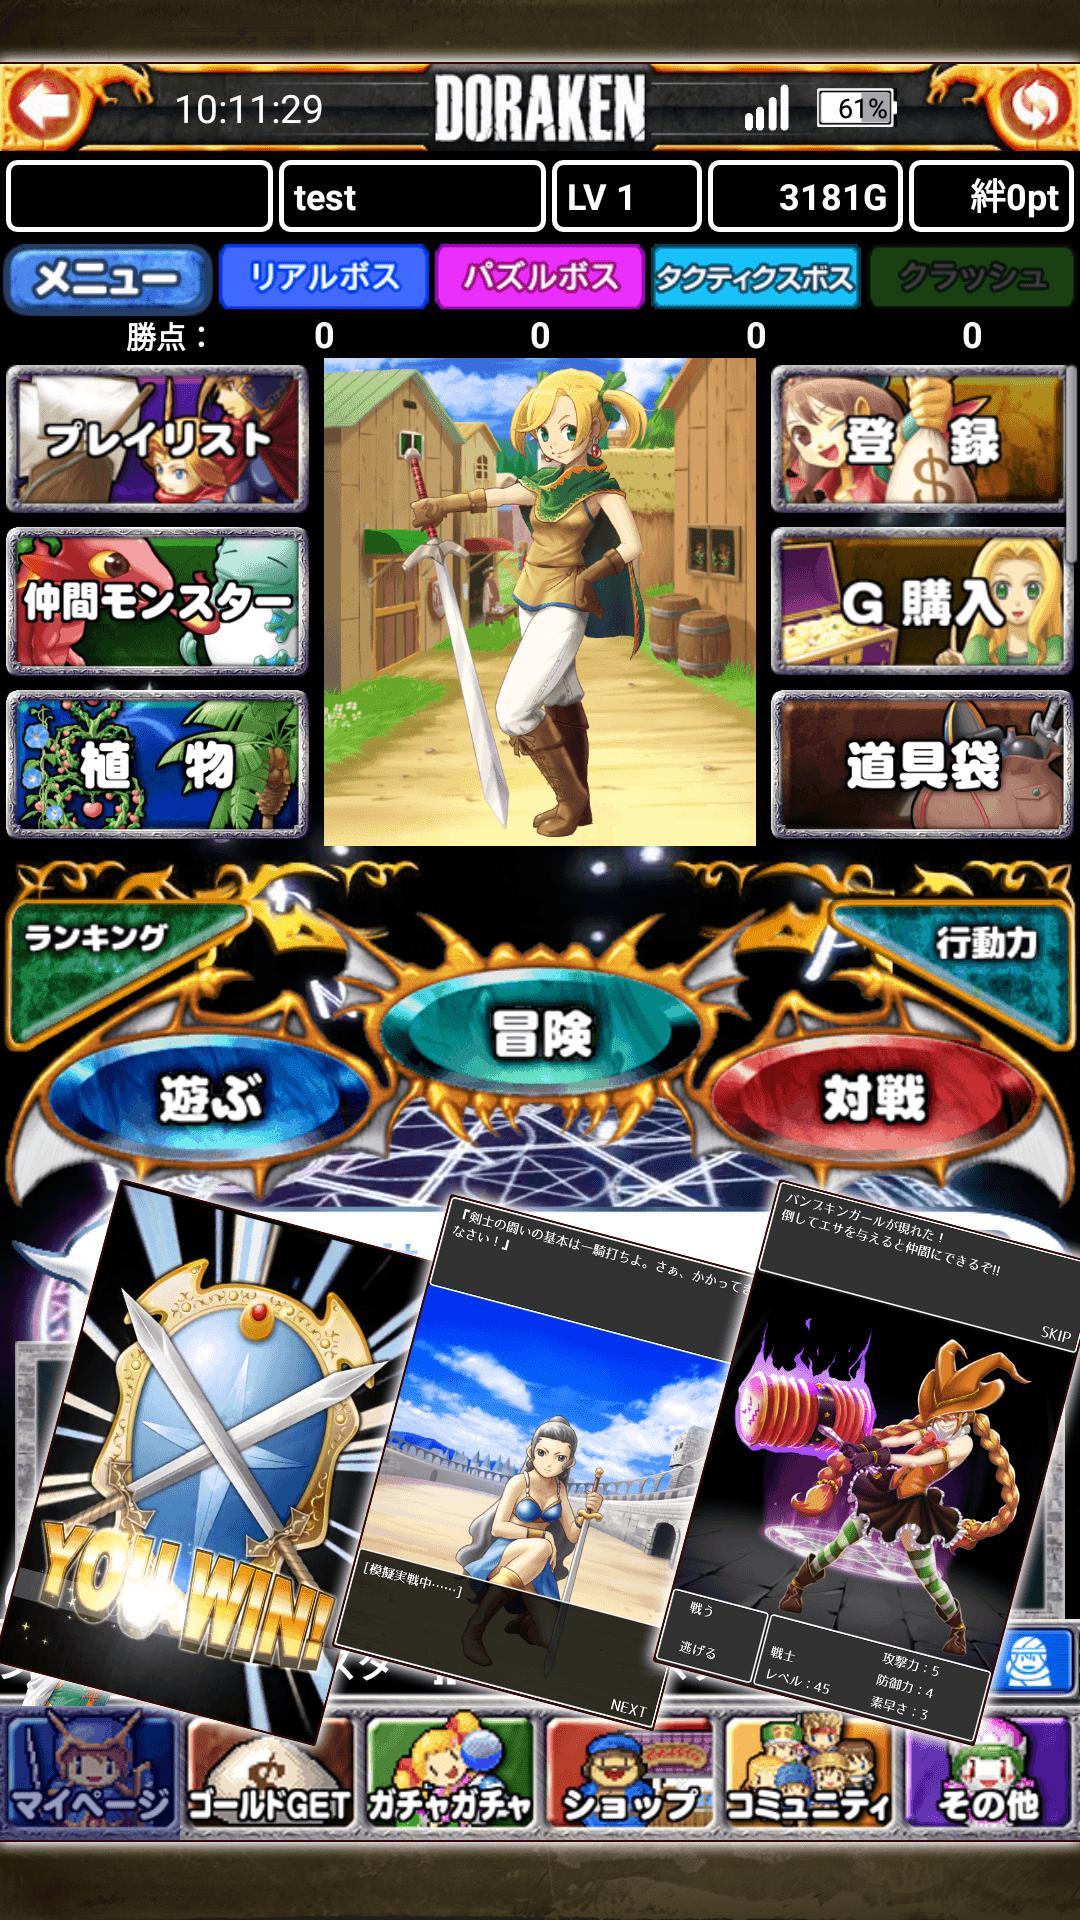 お小遣い×RPG☆RPGゲームでお小遣い稼ぎ!ポイント稼げるアプリ【Card RPG】 5.7.6 Screenshot 13